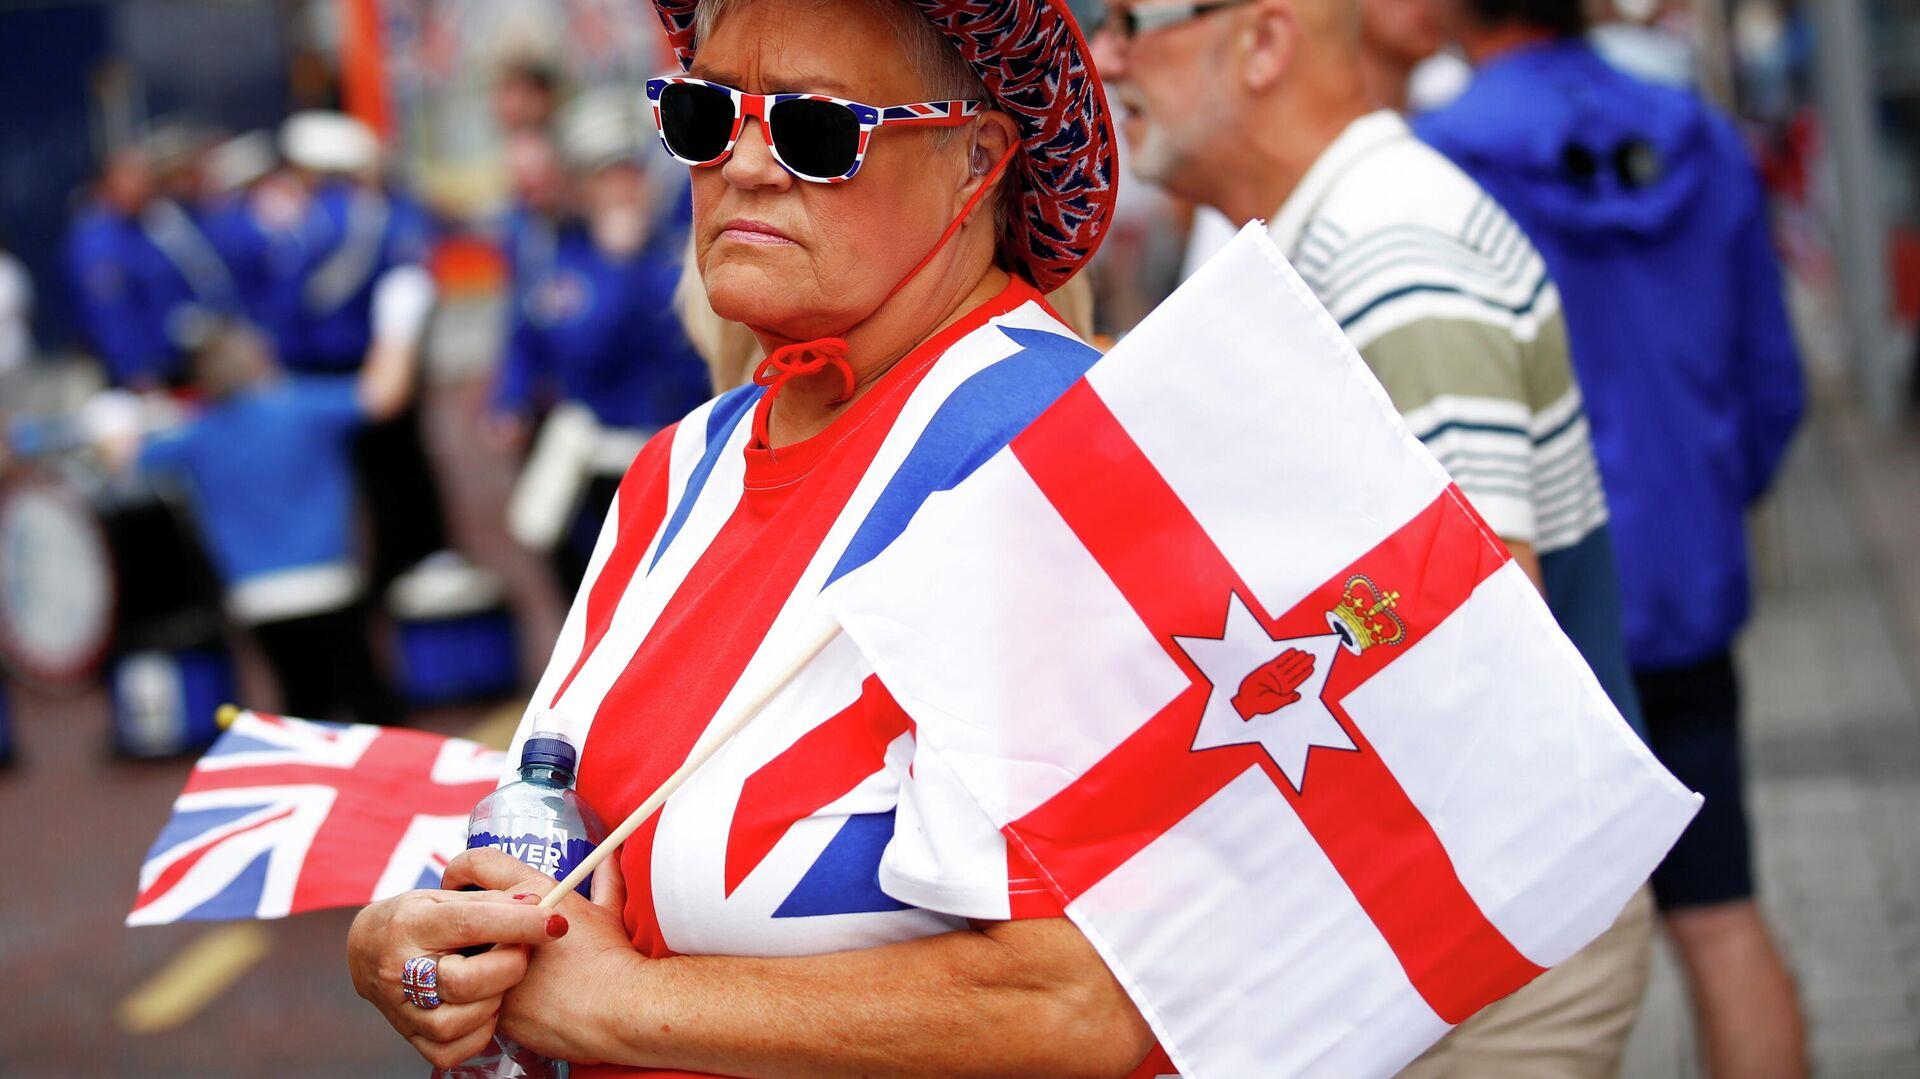 Una mujer con las banderas del Reino Unido e Irlanda del Norte (imagen referencial) - Sputnik Mundo, 1920, 14.07.2021